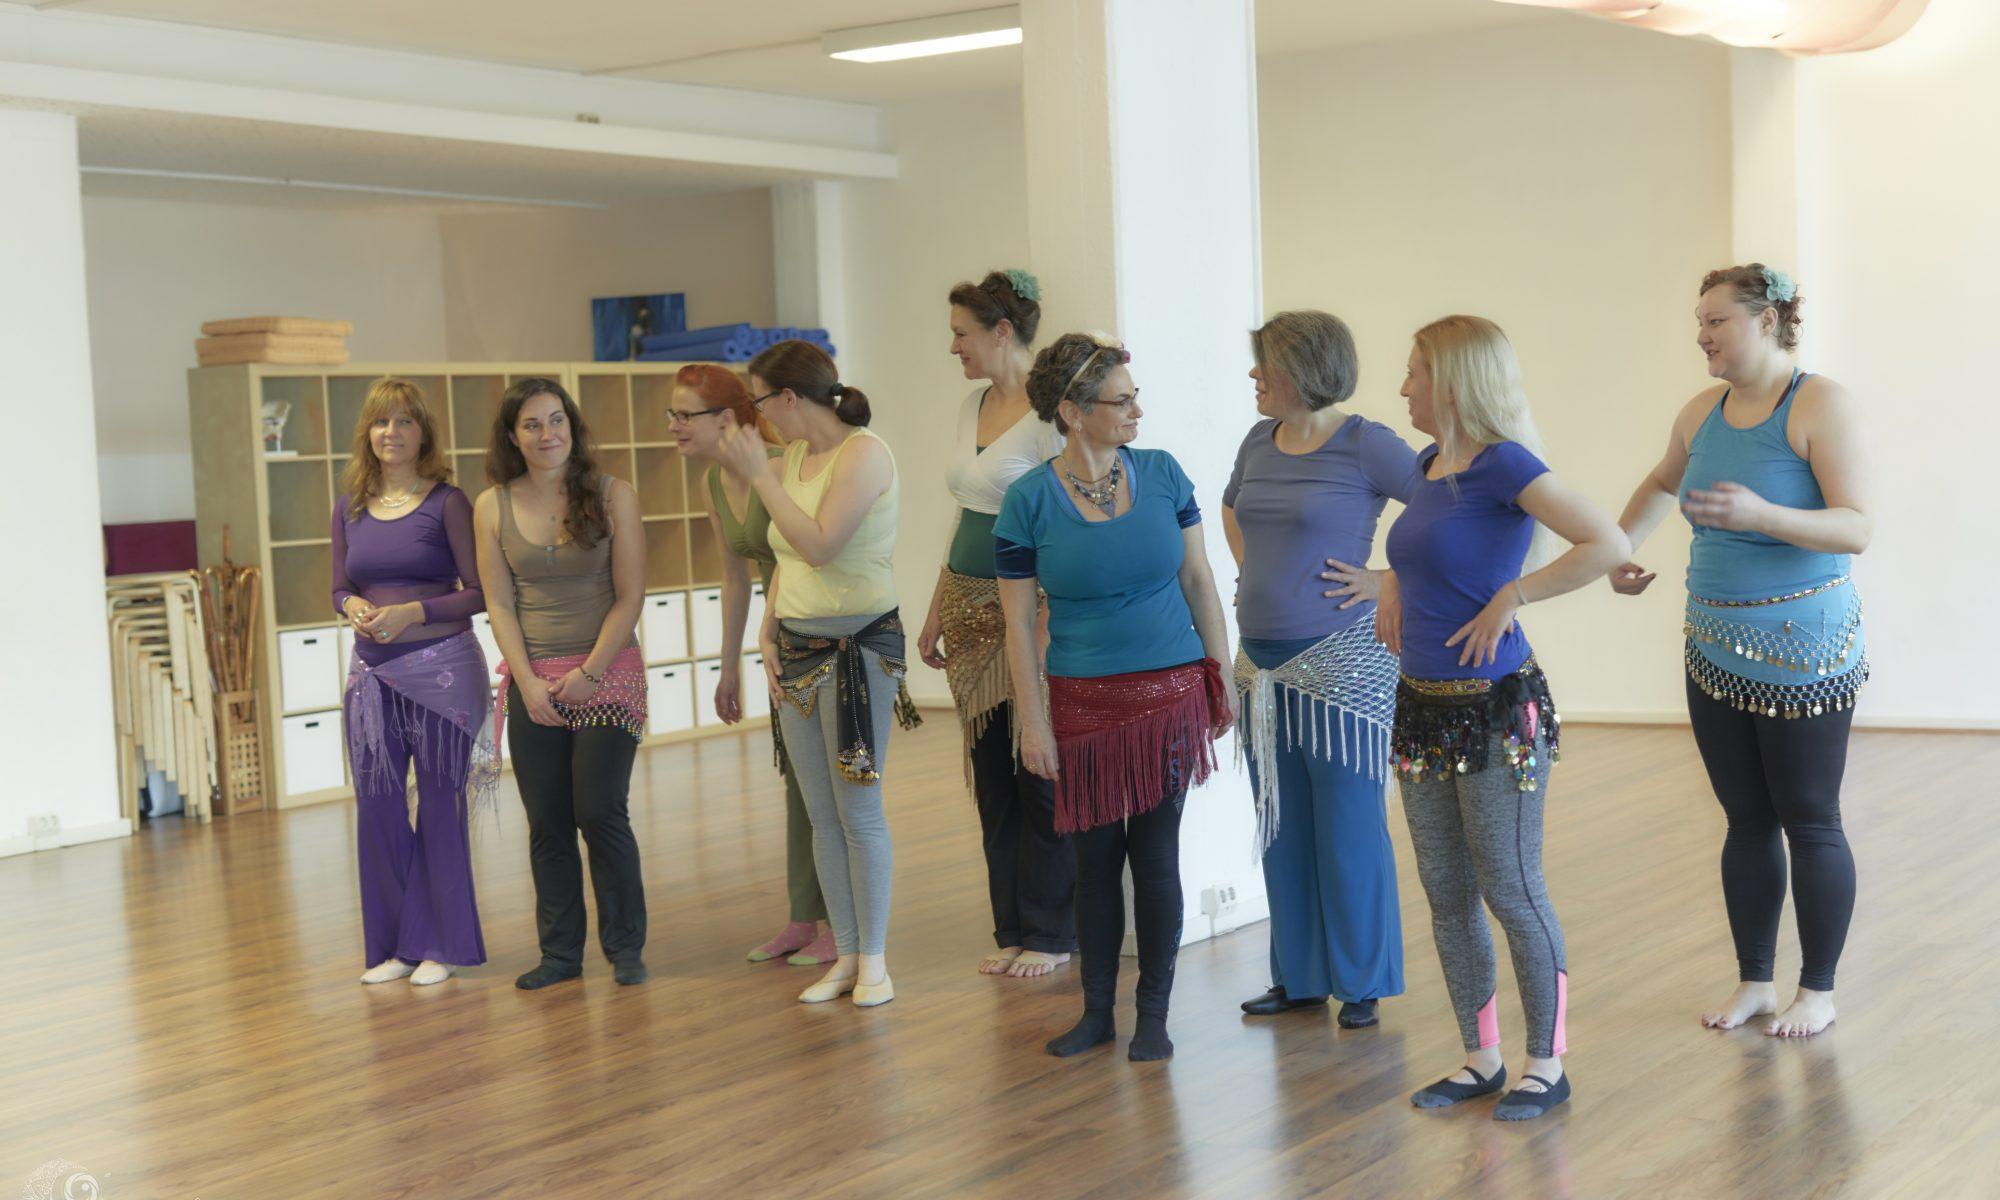 Ratlos, wenn´s ums Choreografieren geht? Foto: Sabuas Lichtraum